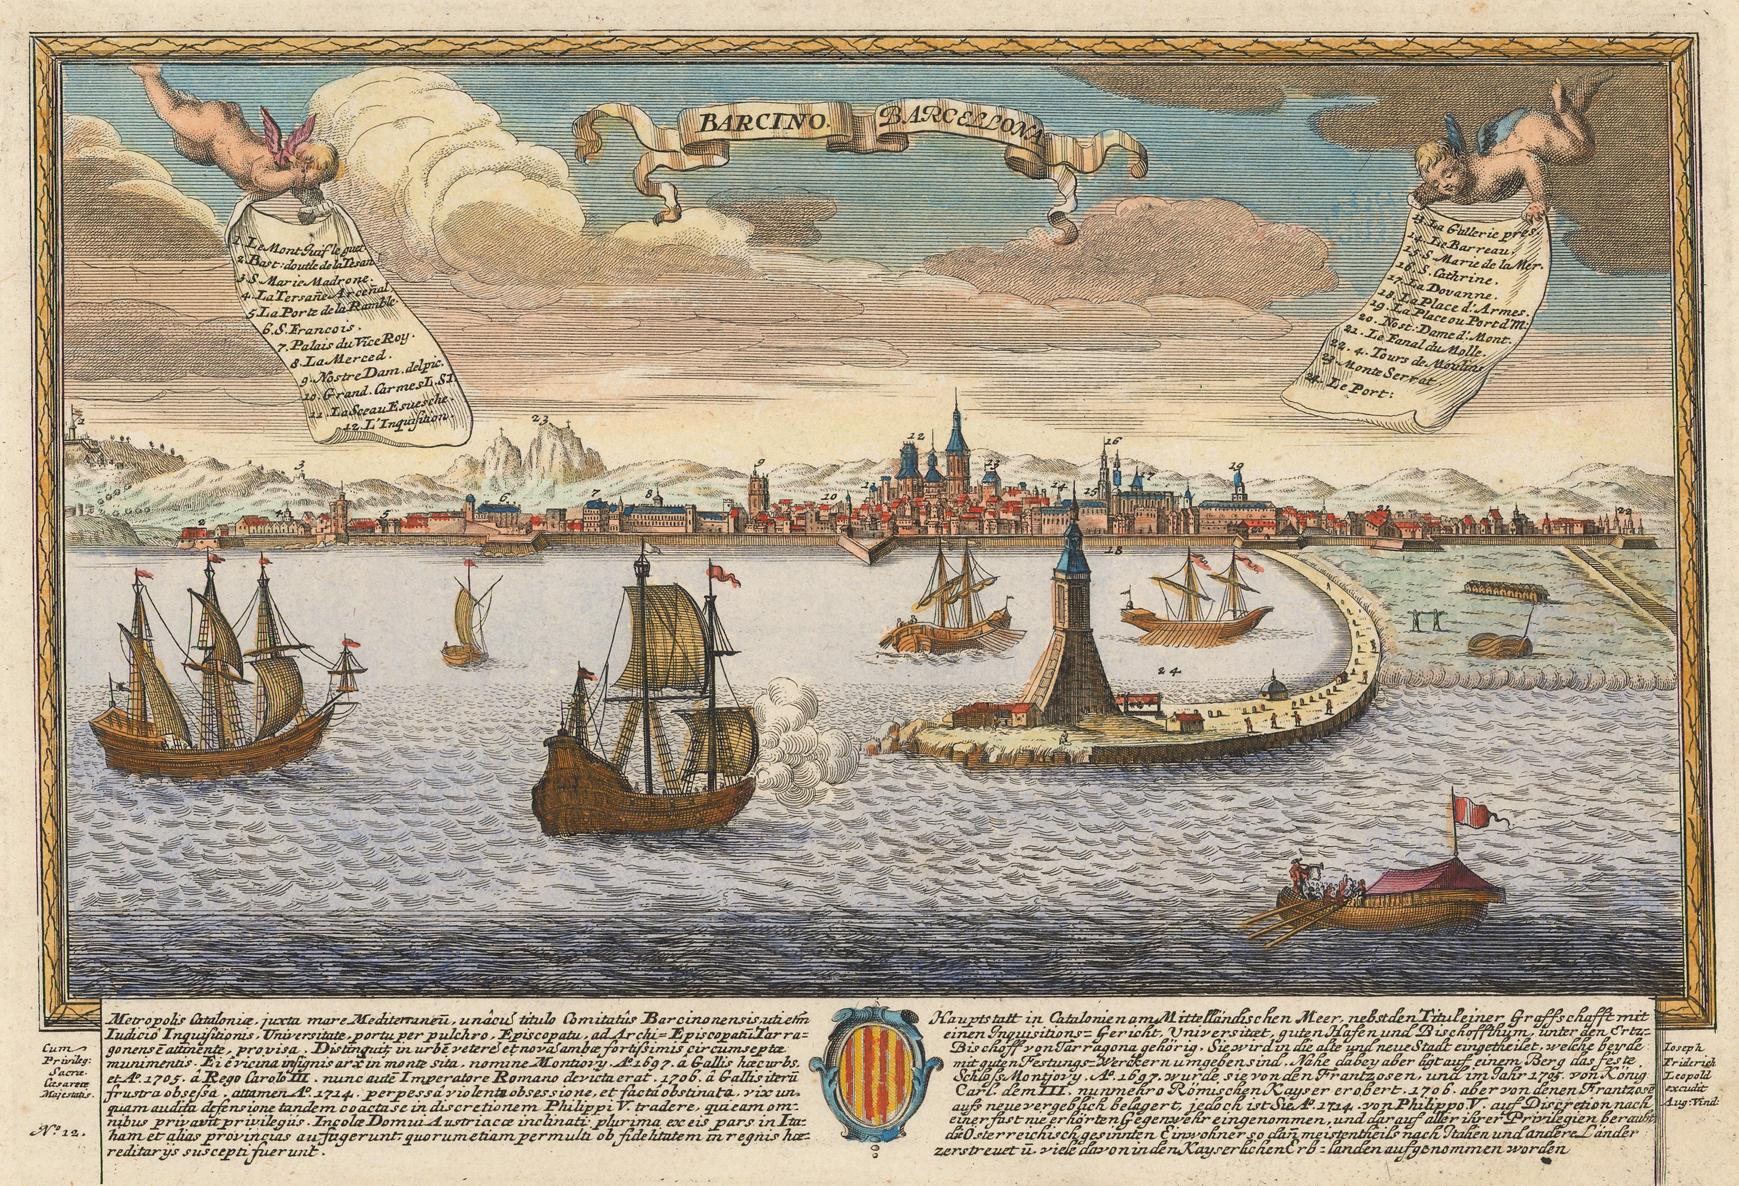 da7fb1756 Historia de Barcelona - Wikipedia